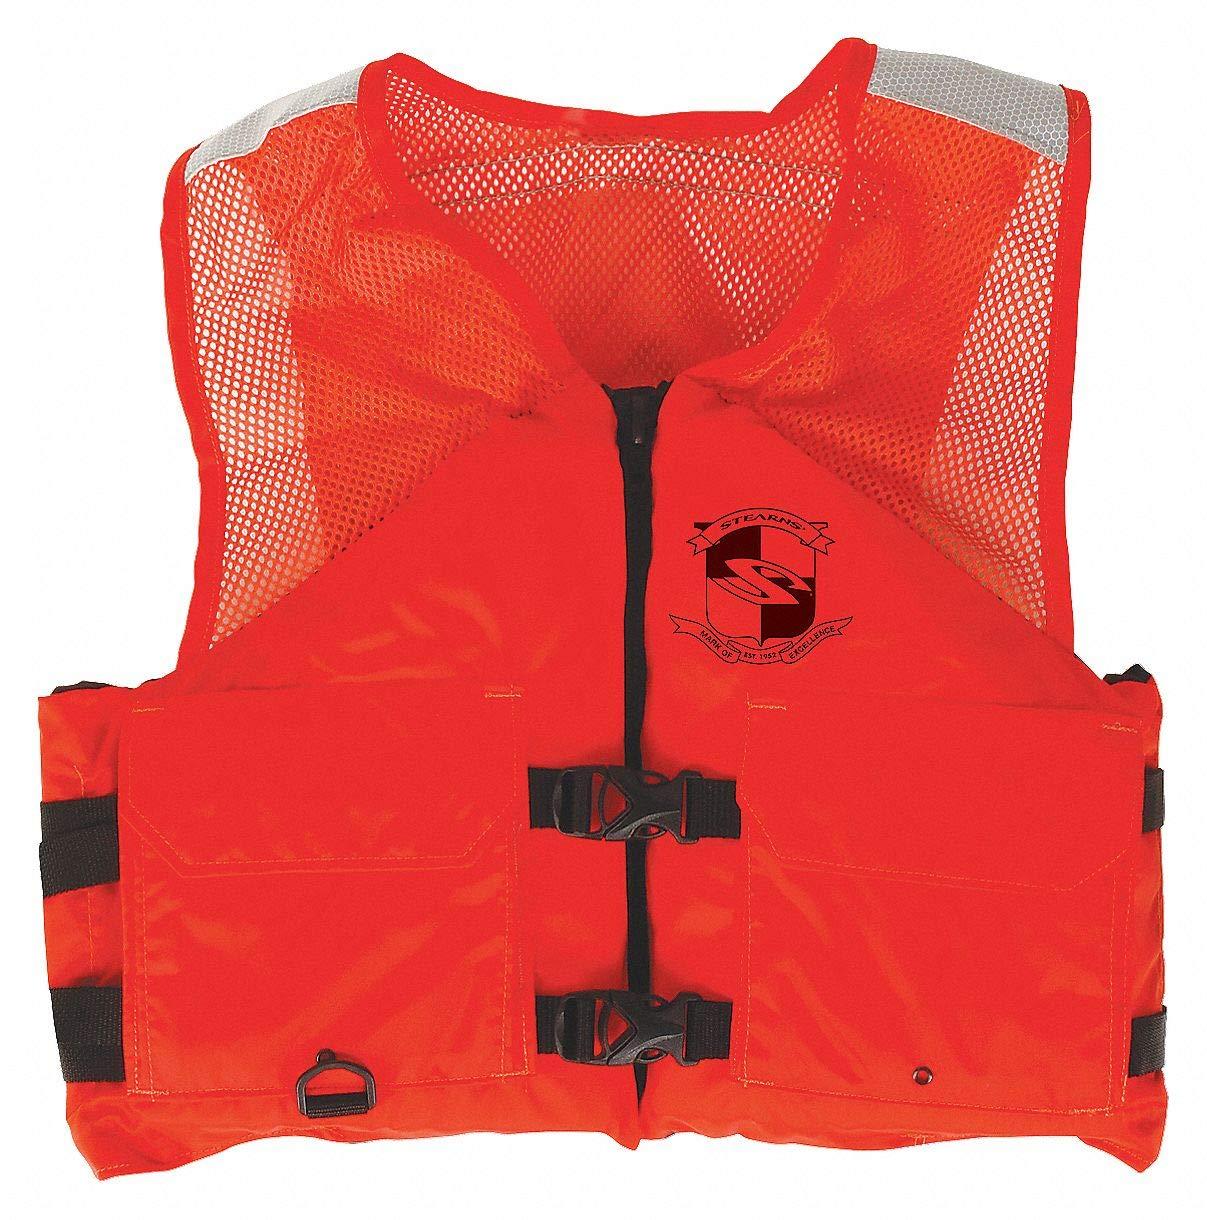 【本物新品保証】 WorkゾーンGear Vests B0725PG8GF Vests Small Small オレンジ(International Orange) B0725PG8GF, ミズホマチ:18c469d6 --- a0267596.xsph.ru